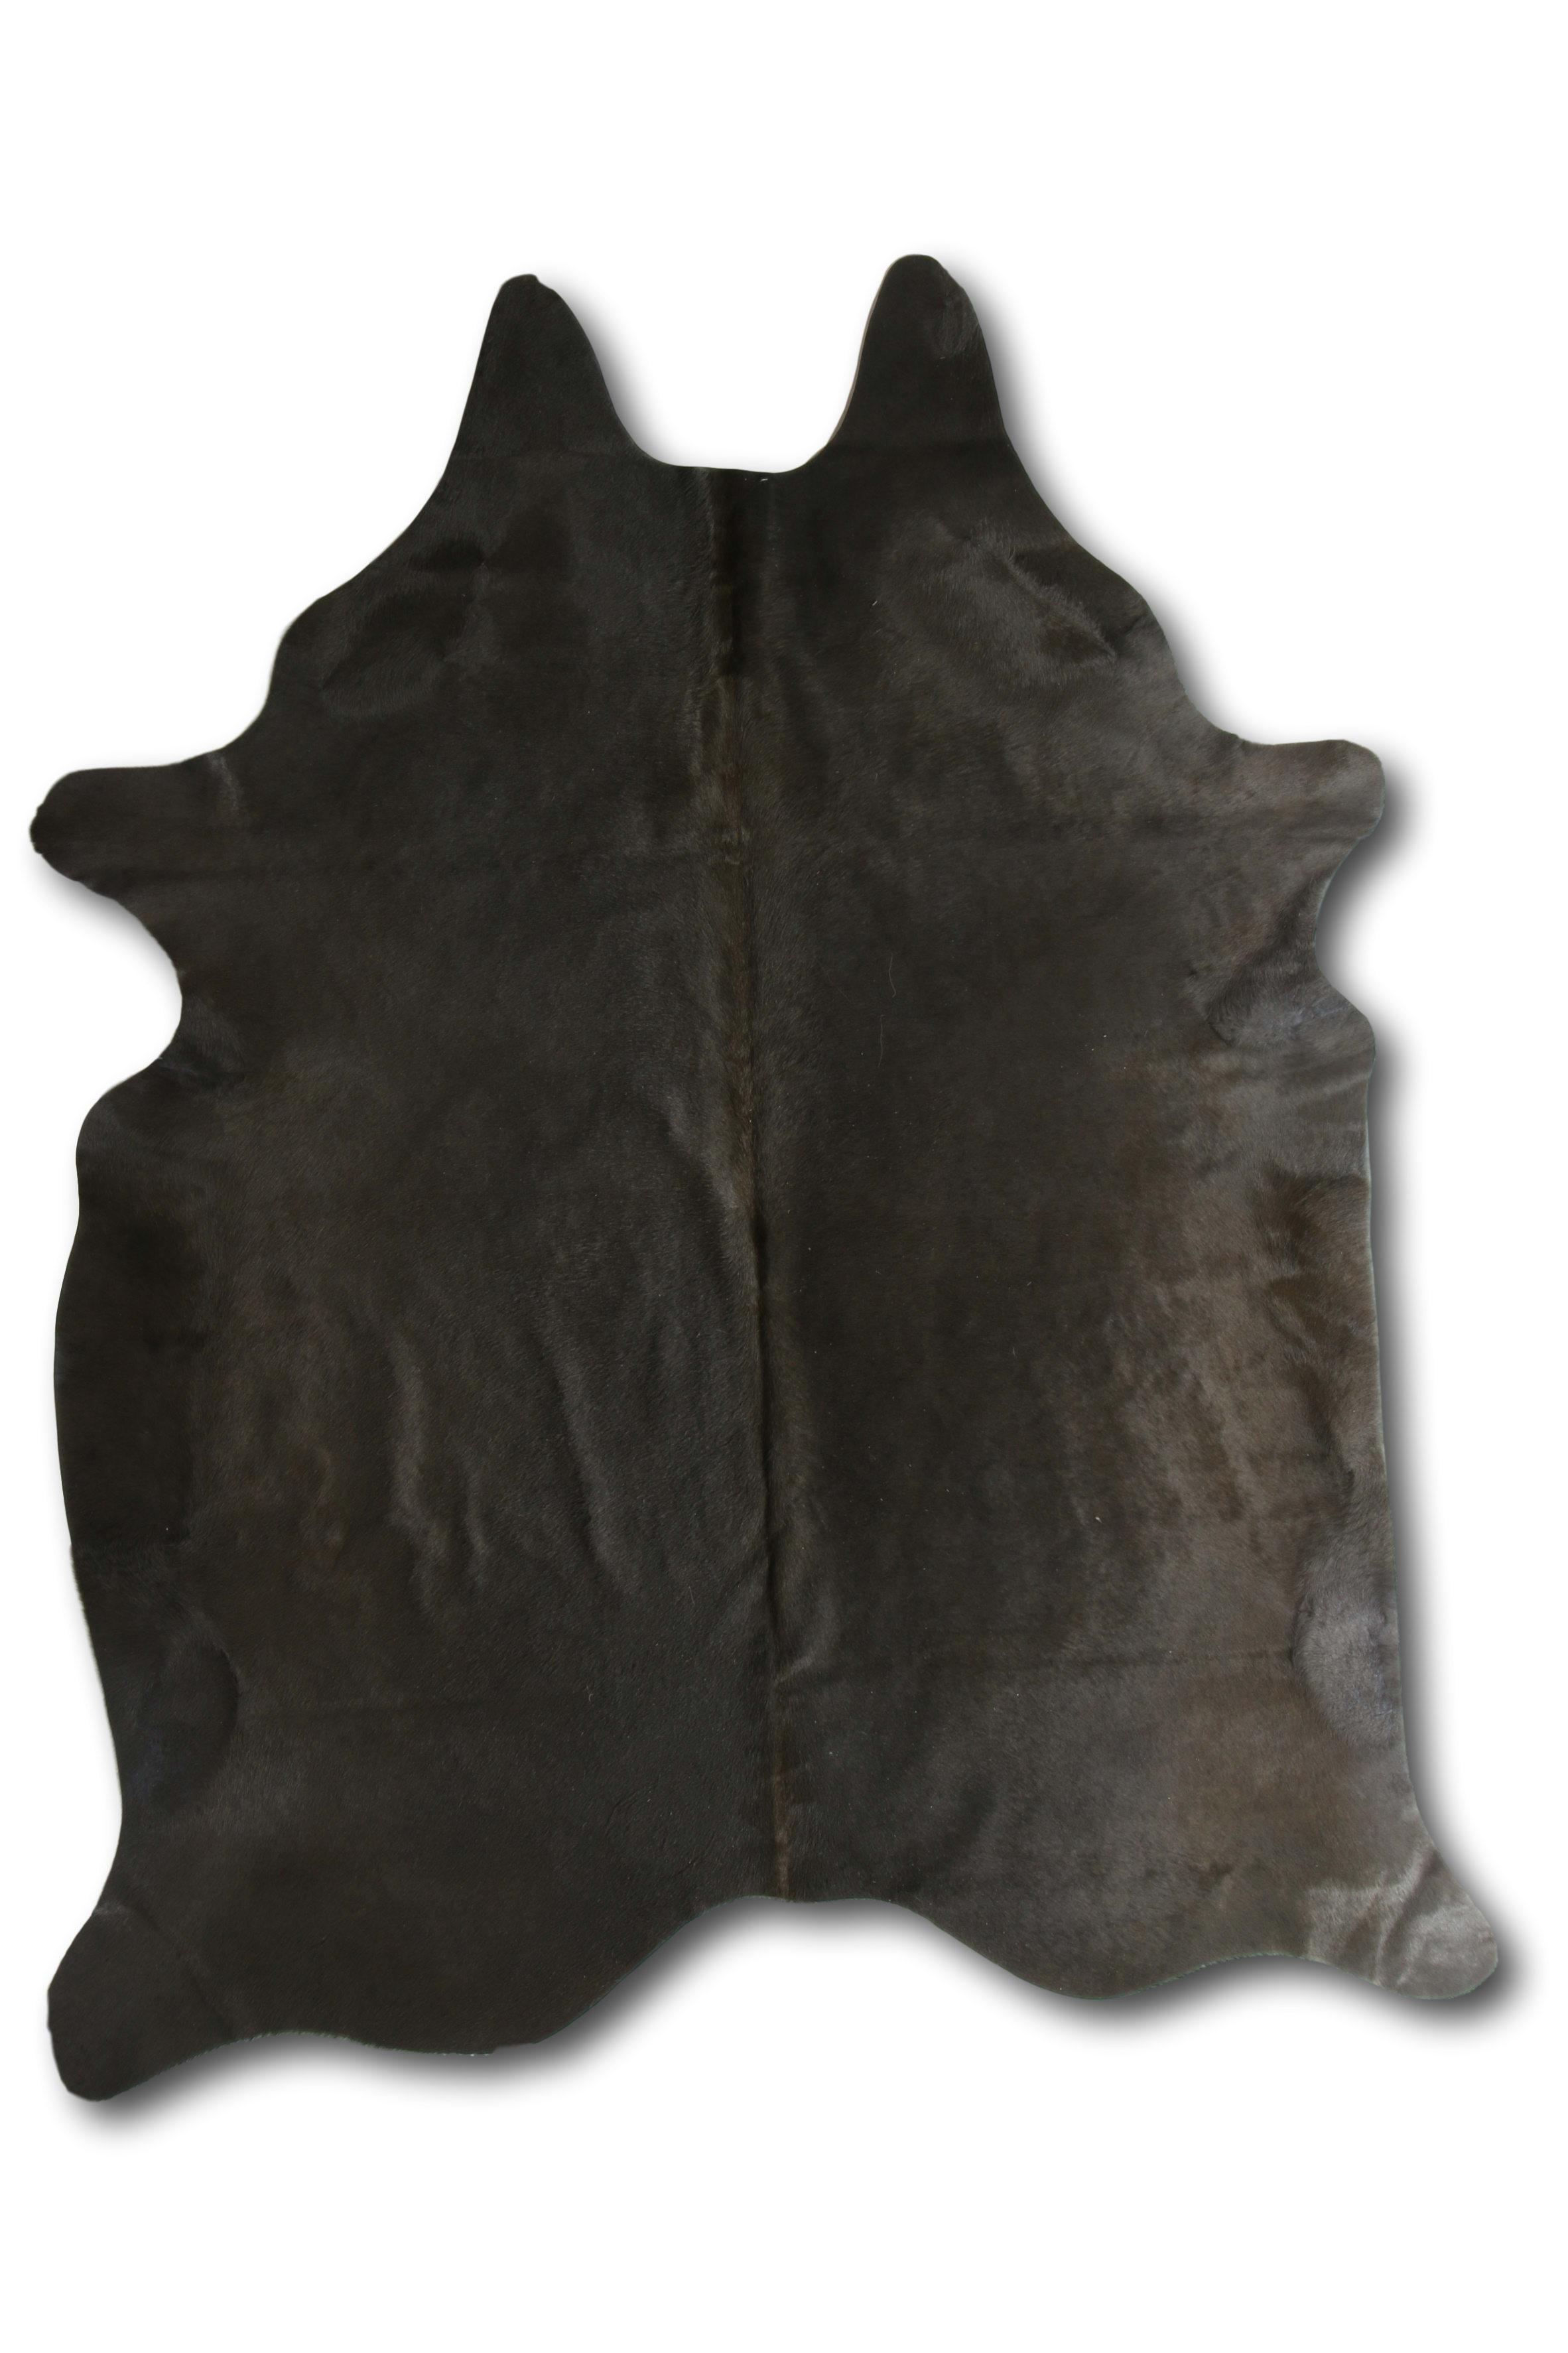 Tapis en peau de vache coloré gris foncé 180x200